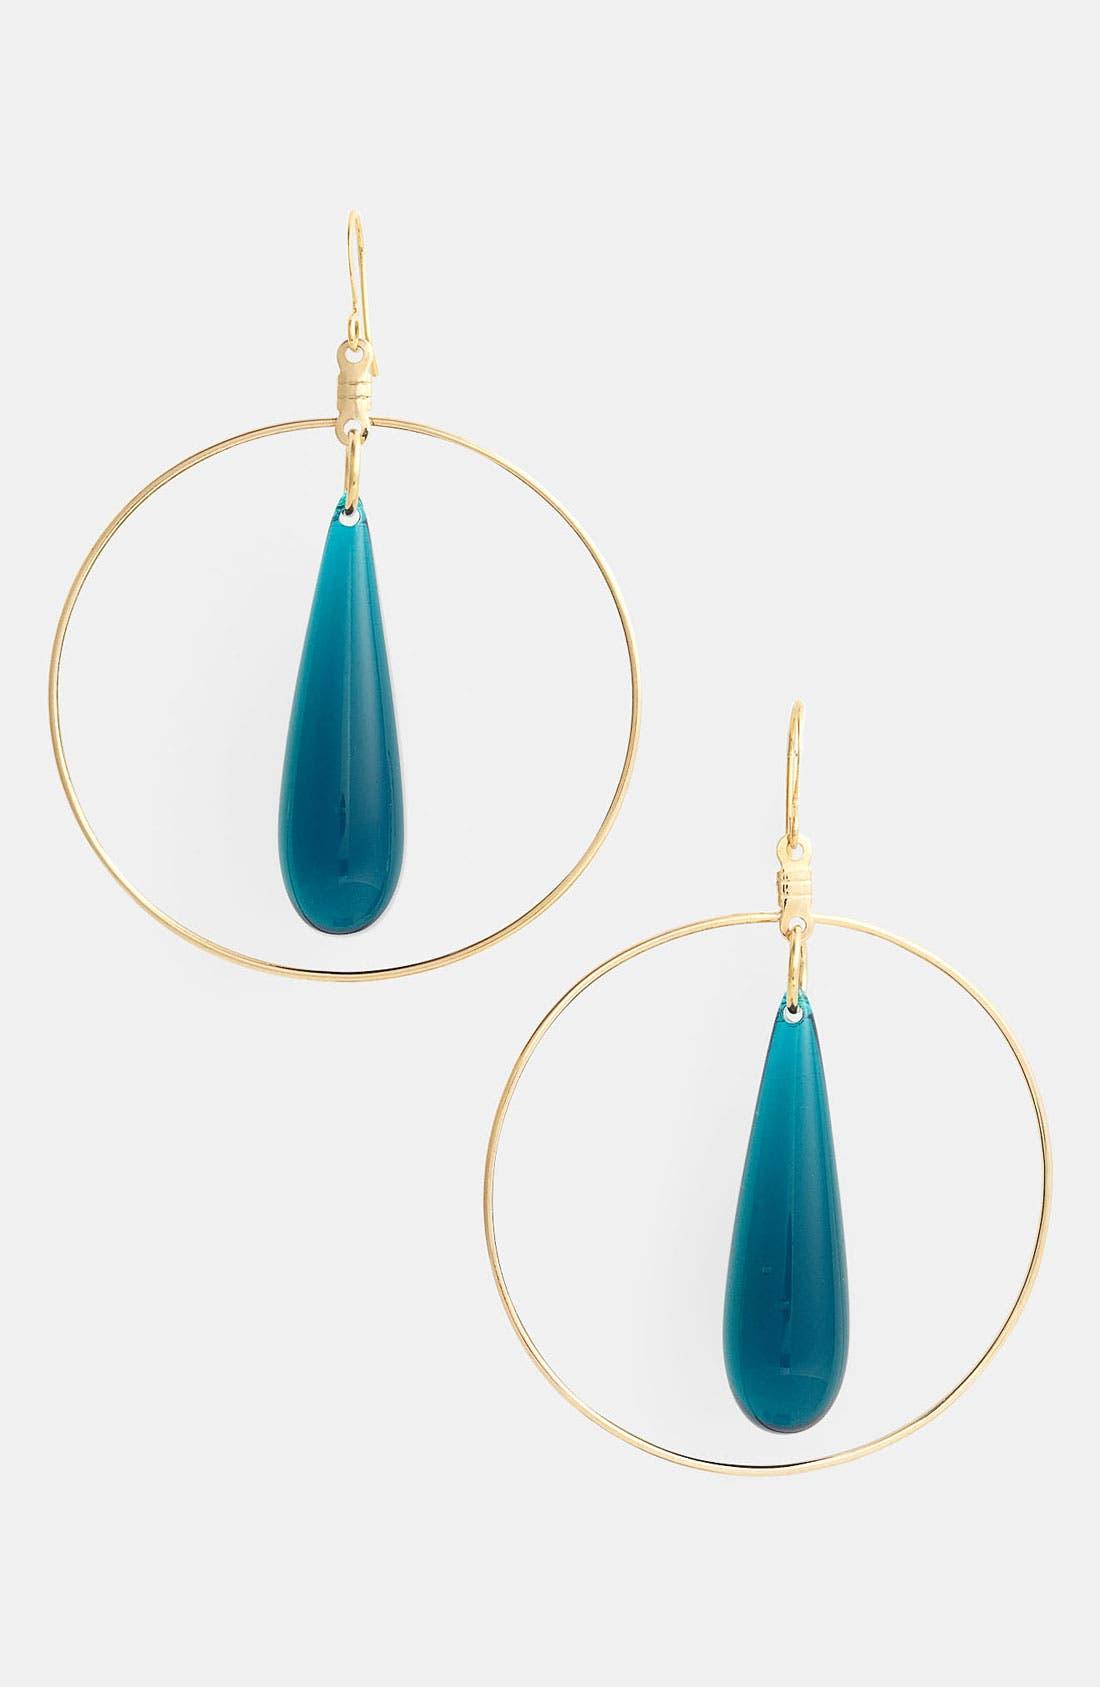 Main Image - Verdier Jewelry 'Vintage Ocean Lucite' Earrings